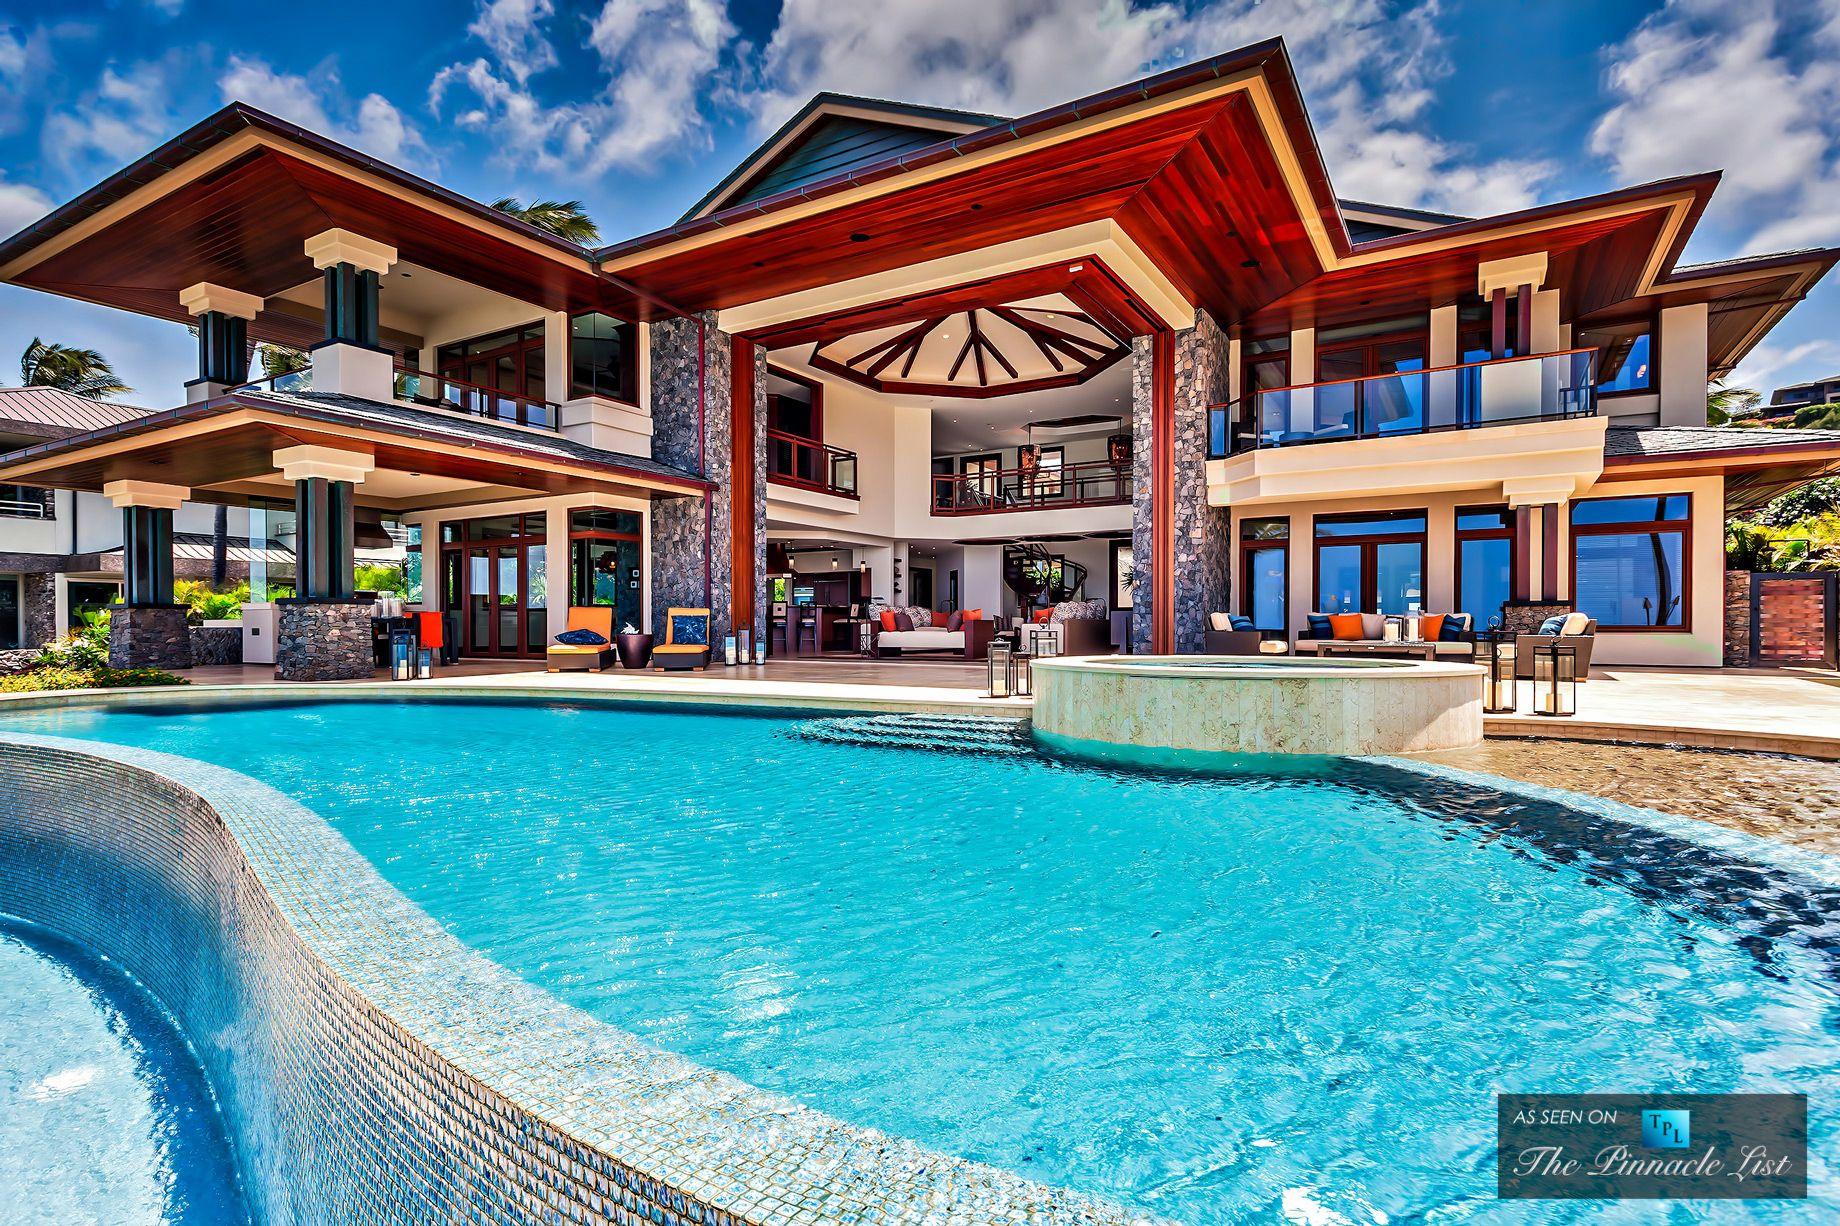 Beachfront Luxury Home For Sale At 3 Kapalua Place, Kapalua, Lahaina, Maui,  Hawaii For $20,880,000.